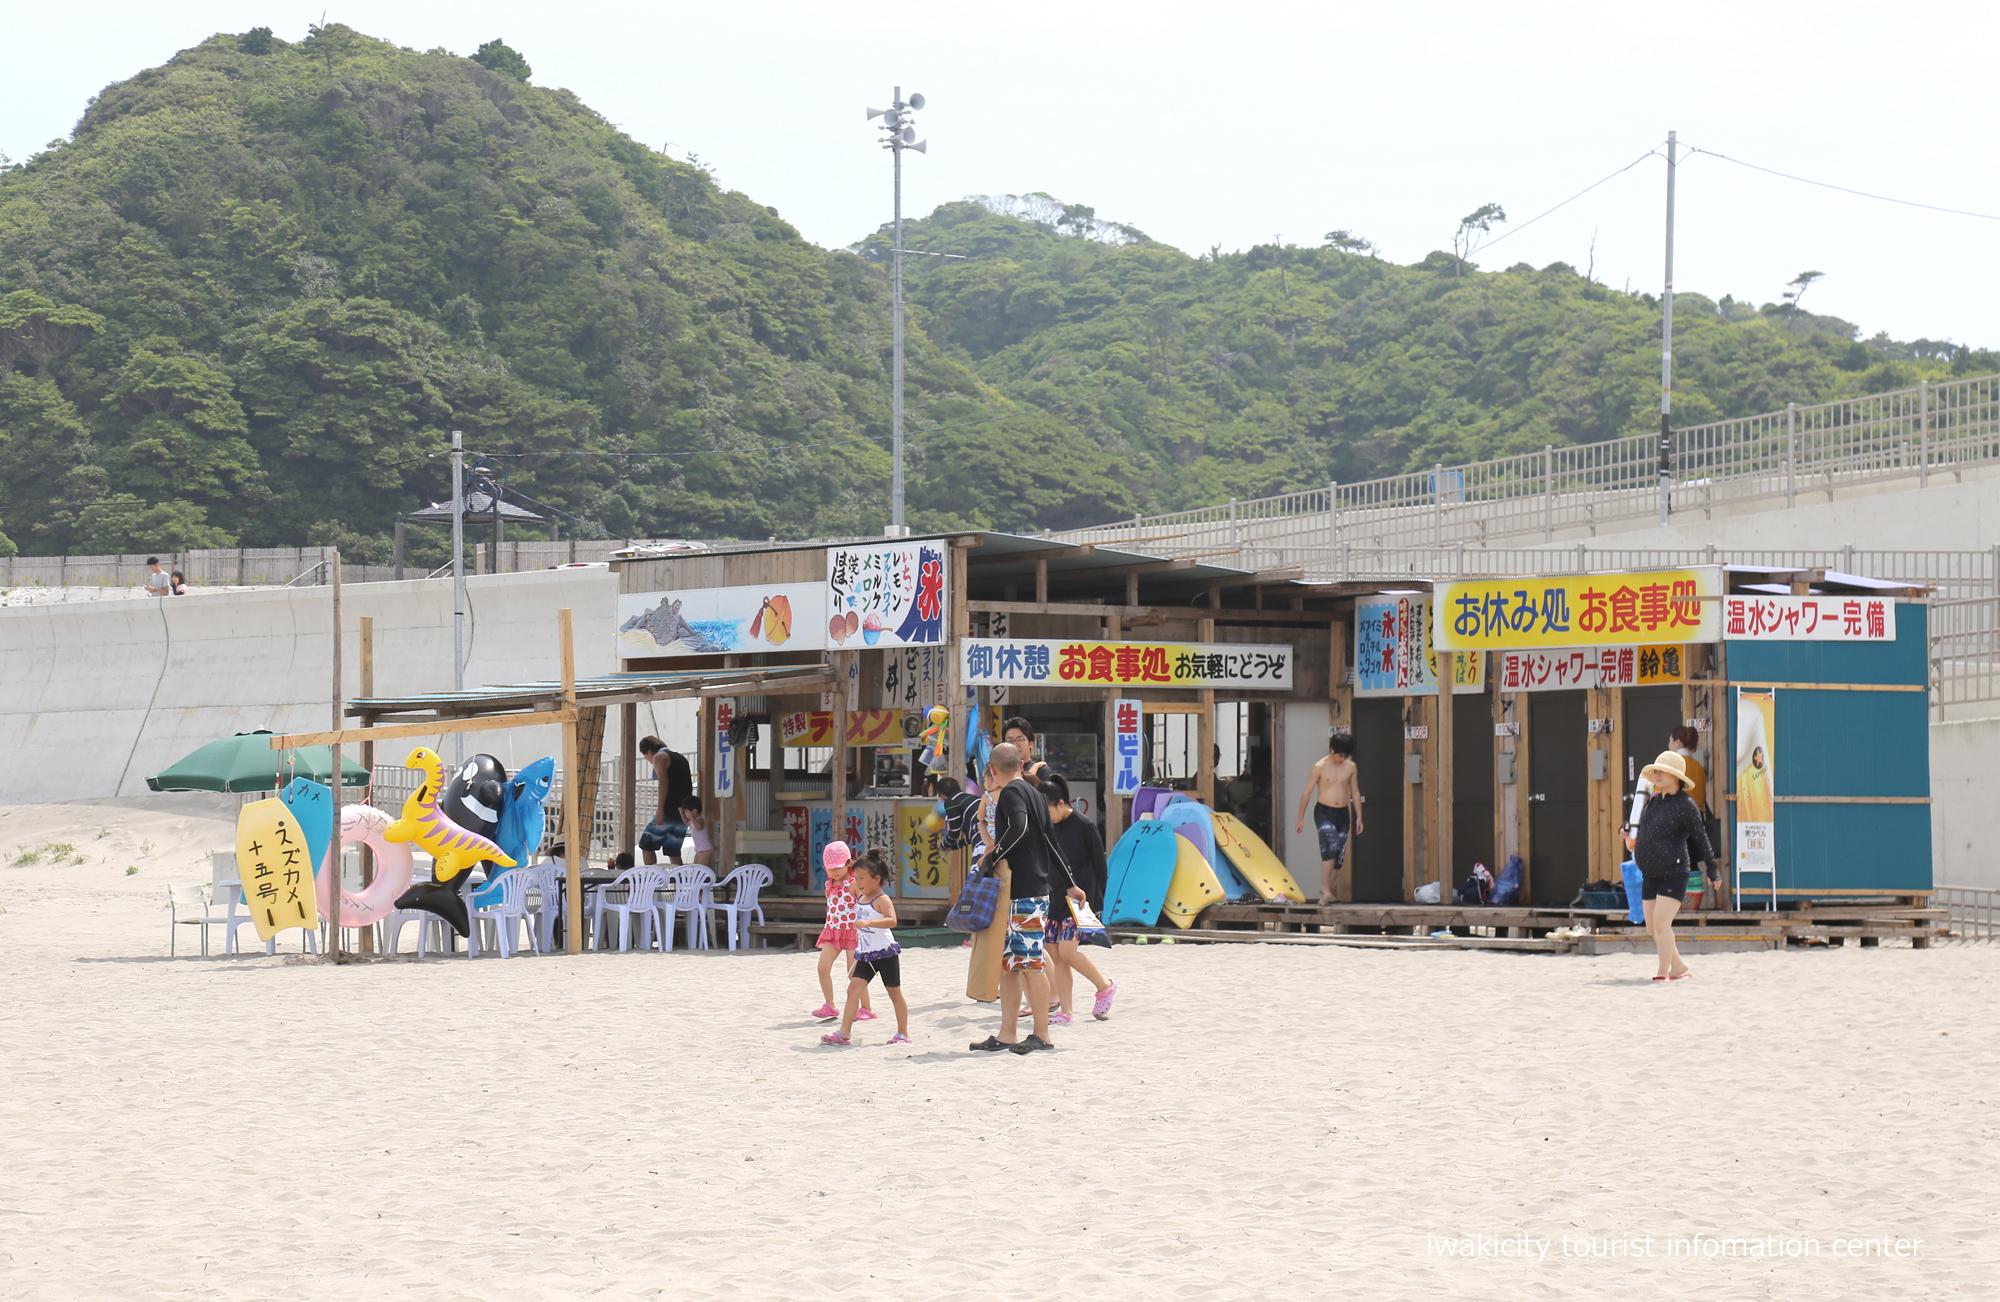 四倉海水浴場にて「平成30年いわき市海水浴場海開き式」が行われました! [平成30年7月15日(日)更新]薄磯